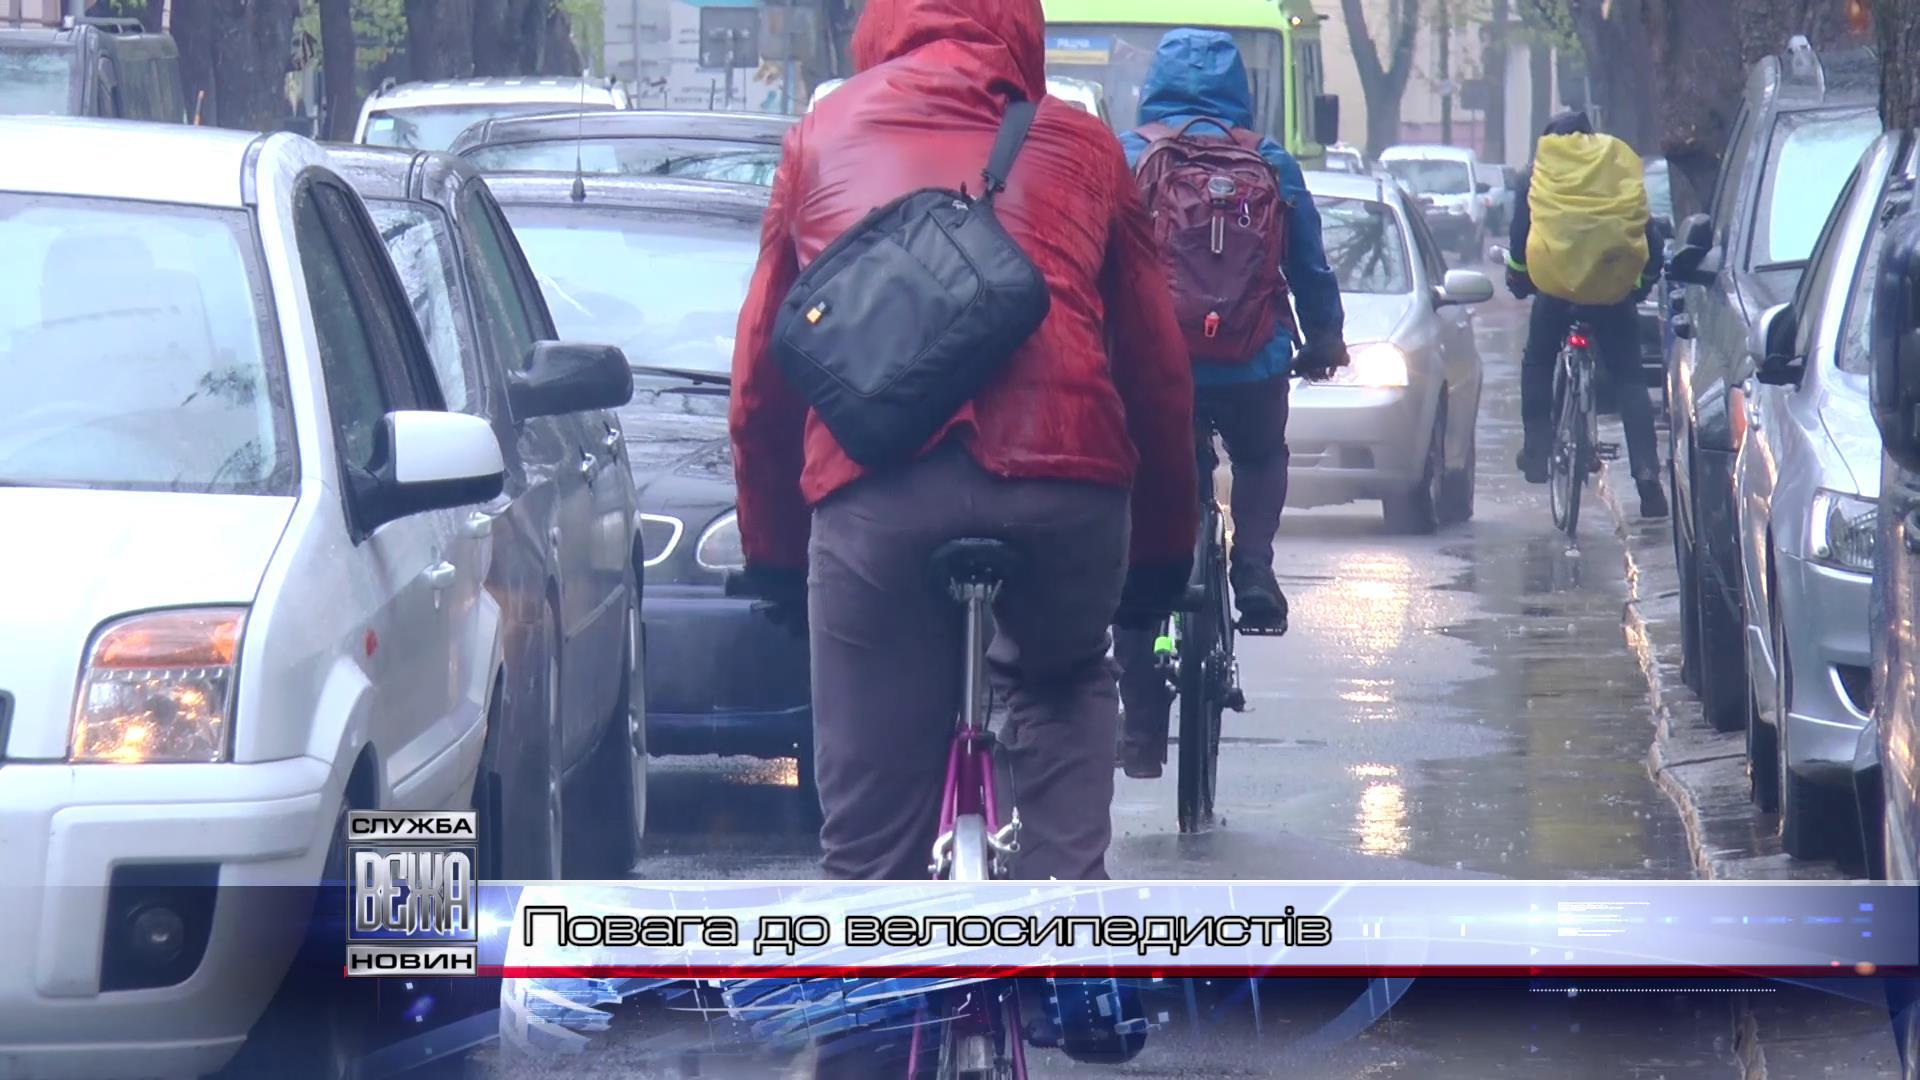 Повага до велосипедистів[17-44-23]